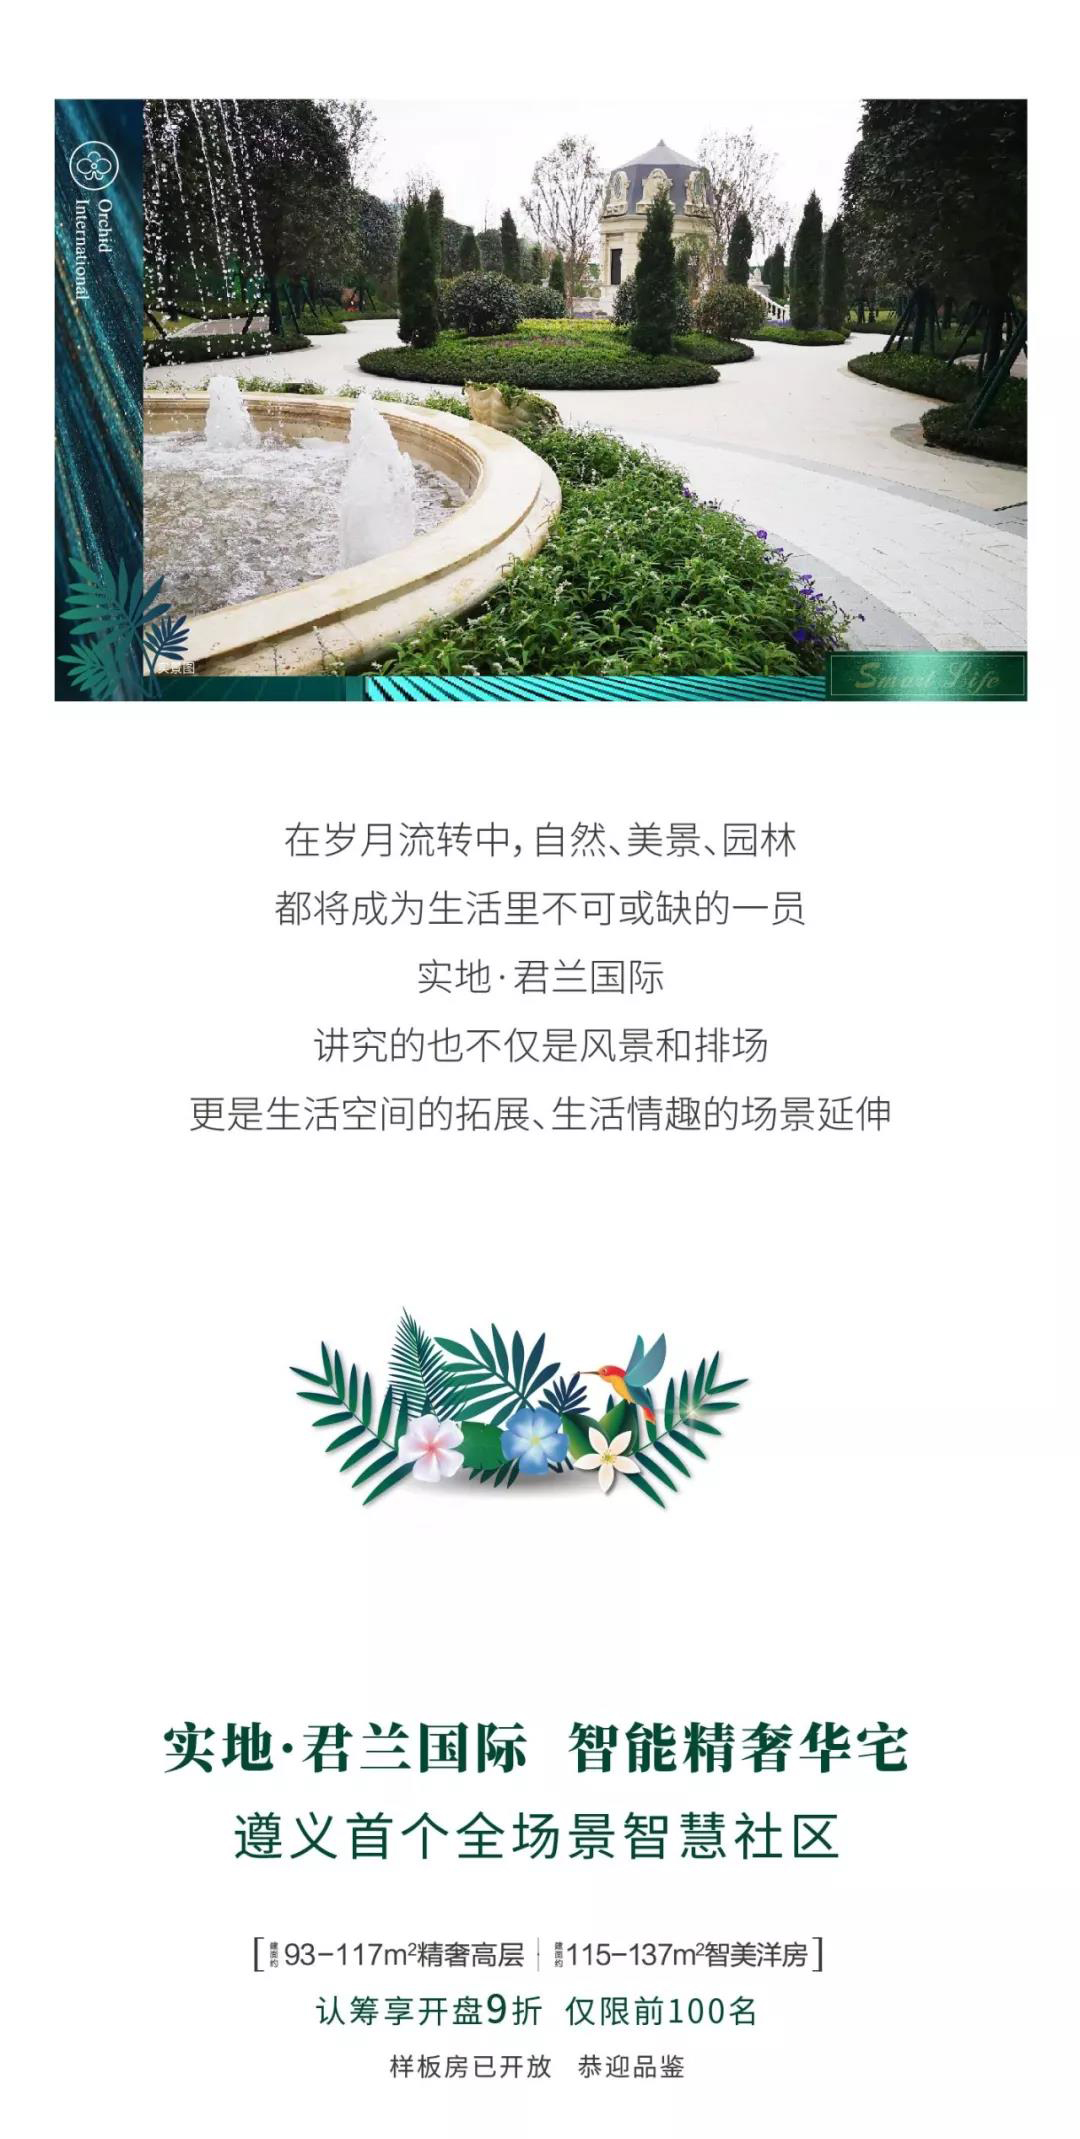   实地·君兰国际:醉美园林再升级 唯自然致敬鲜氧生活-中国网地产